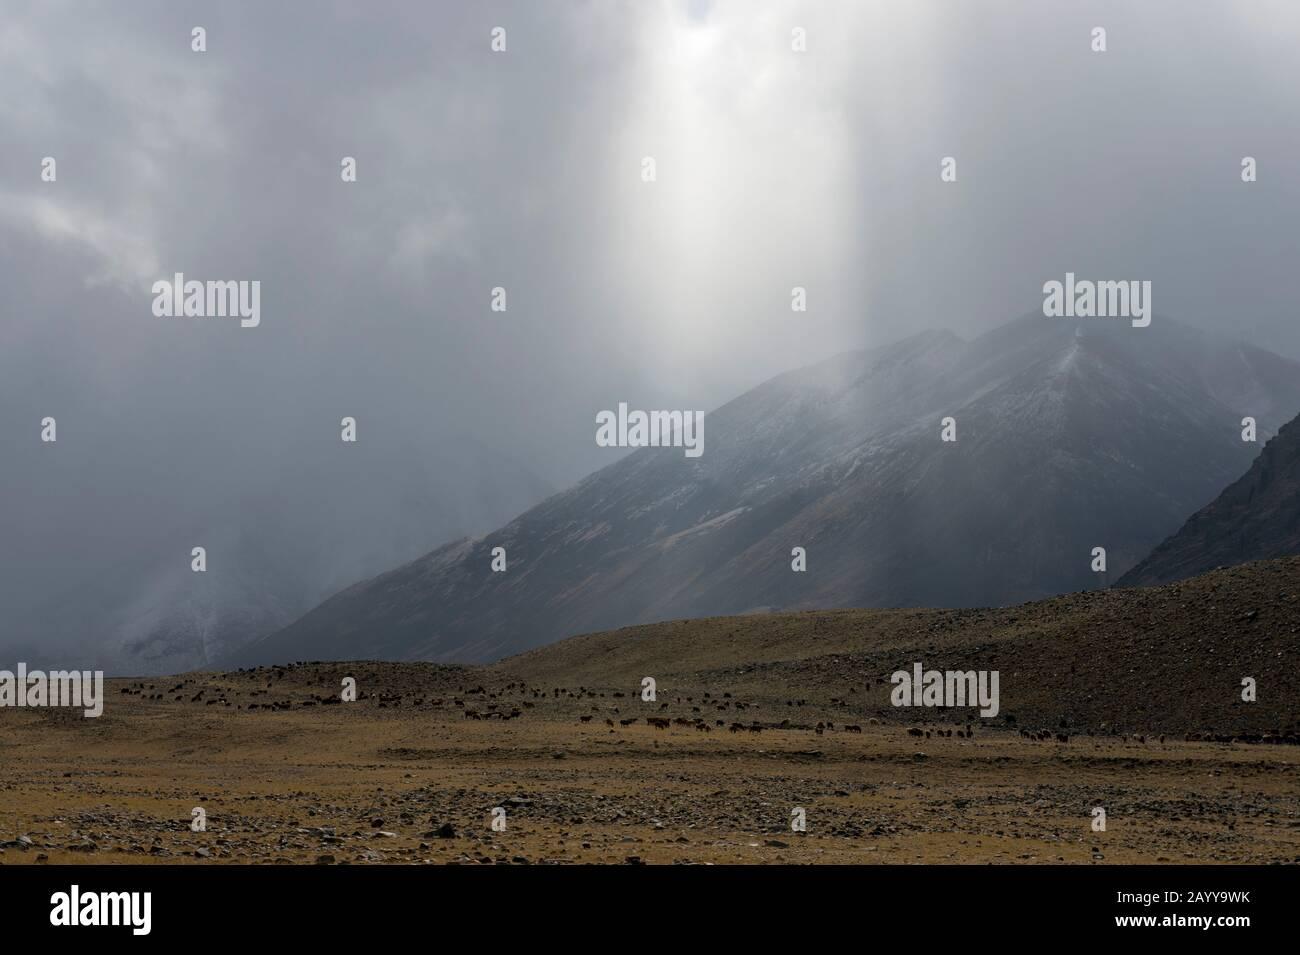 Schafe und Ziegen, die während Schnee und Niederschlägen im Hatuugeen-Tal im Altai-Gebirge in der Provinz Bayan-Ulgii im Westen der Mongolei weiden. Stockfoto